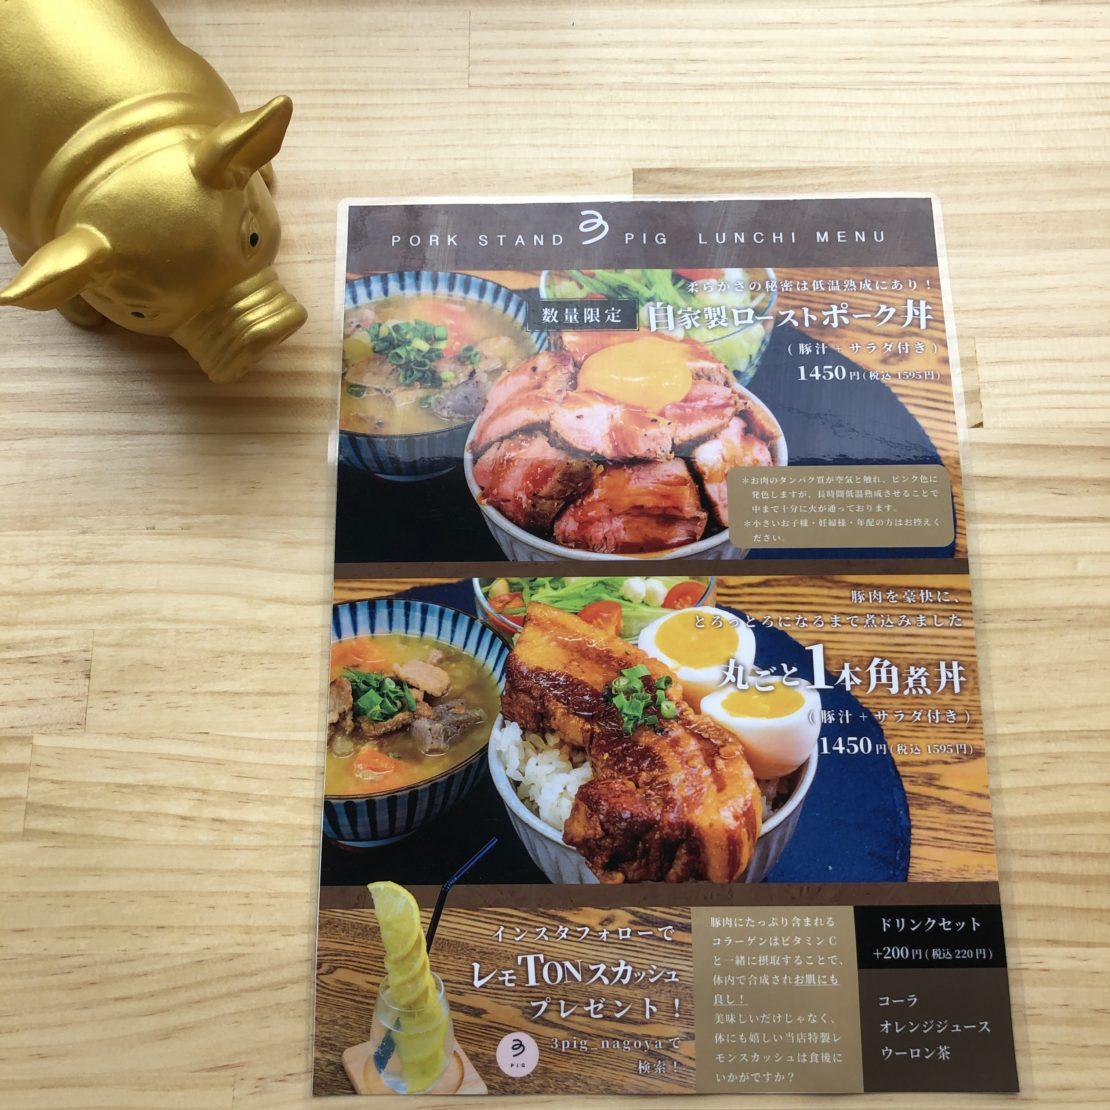 金山で絶品豚肉料理を味わう!「PORK STAND 3PIG(スリーピッグ)」 - 0a63d1100f1ce3e8d06d9fc60fe0da08 1110x1110